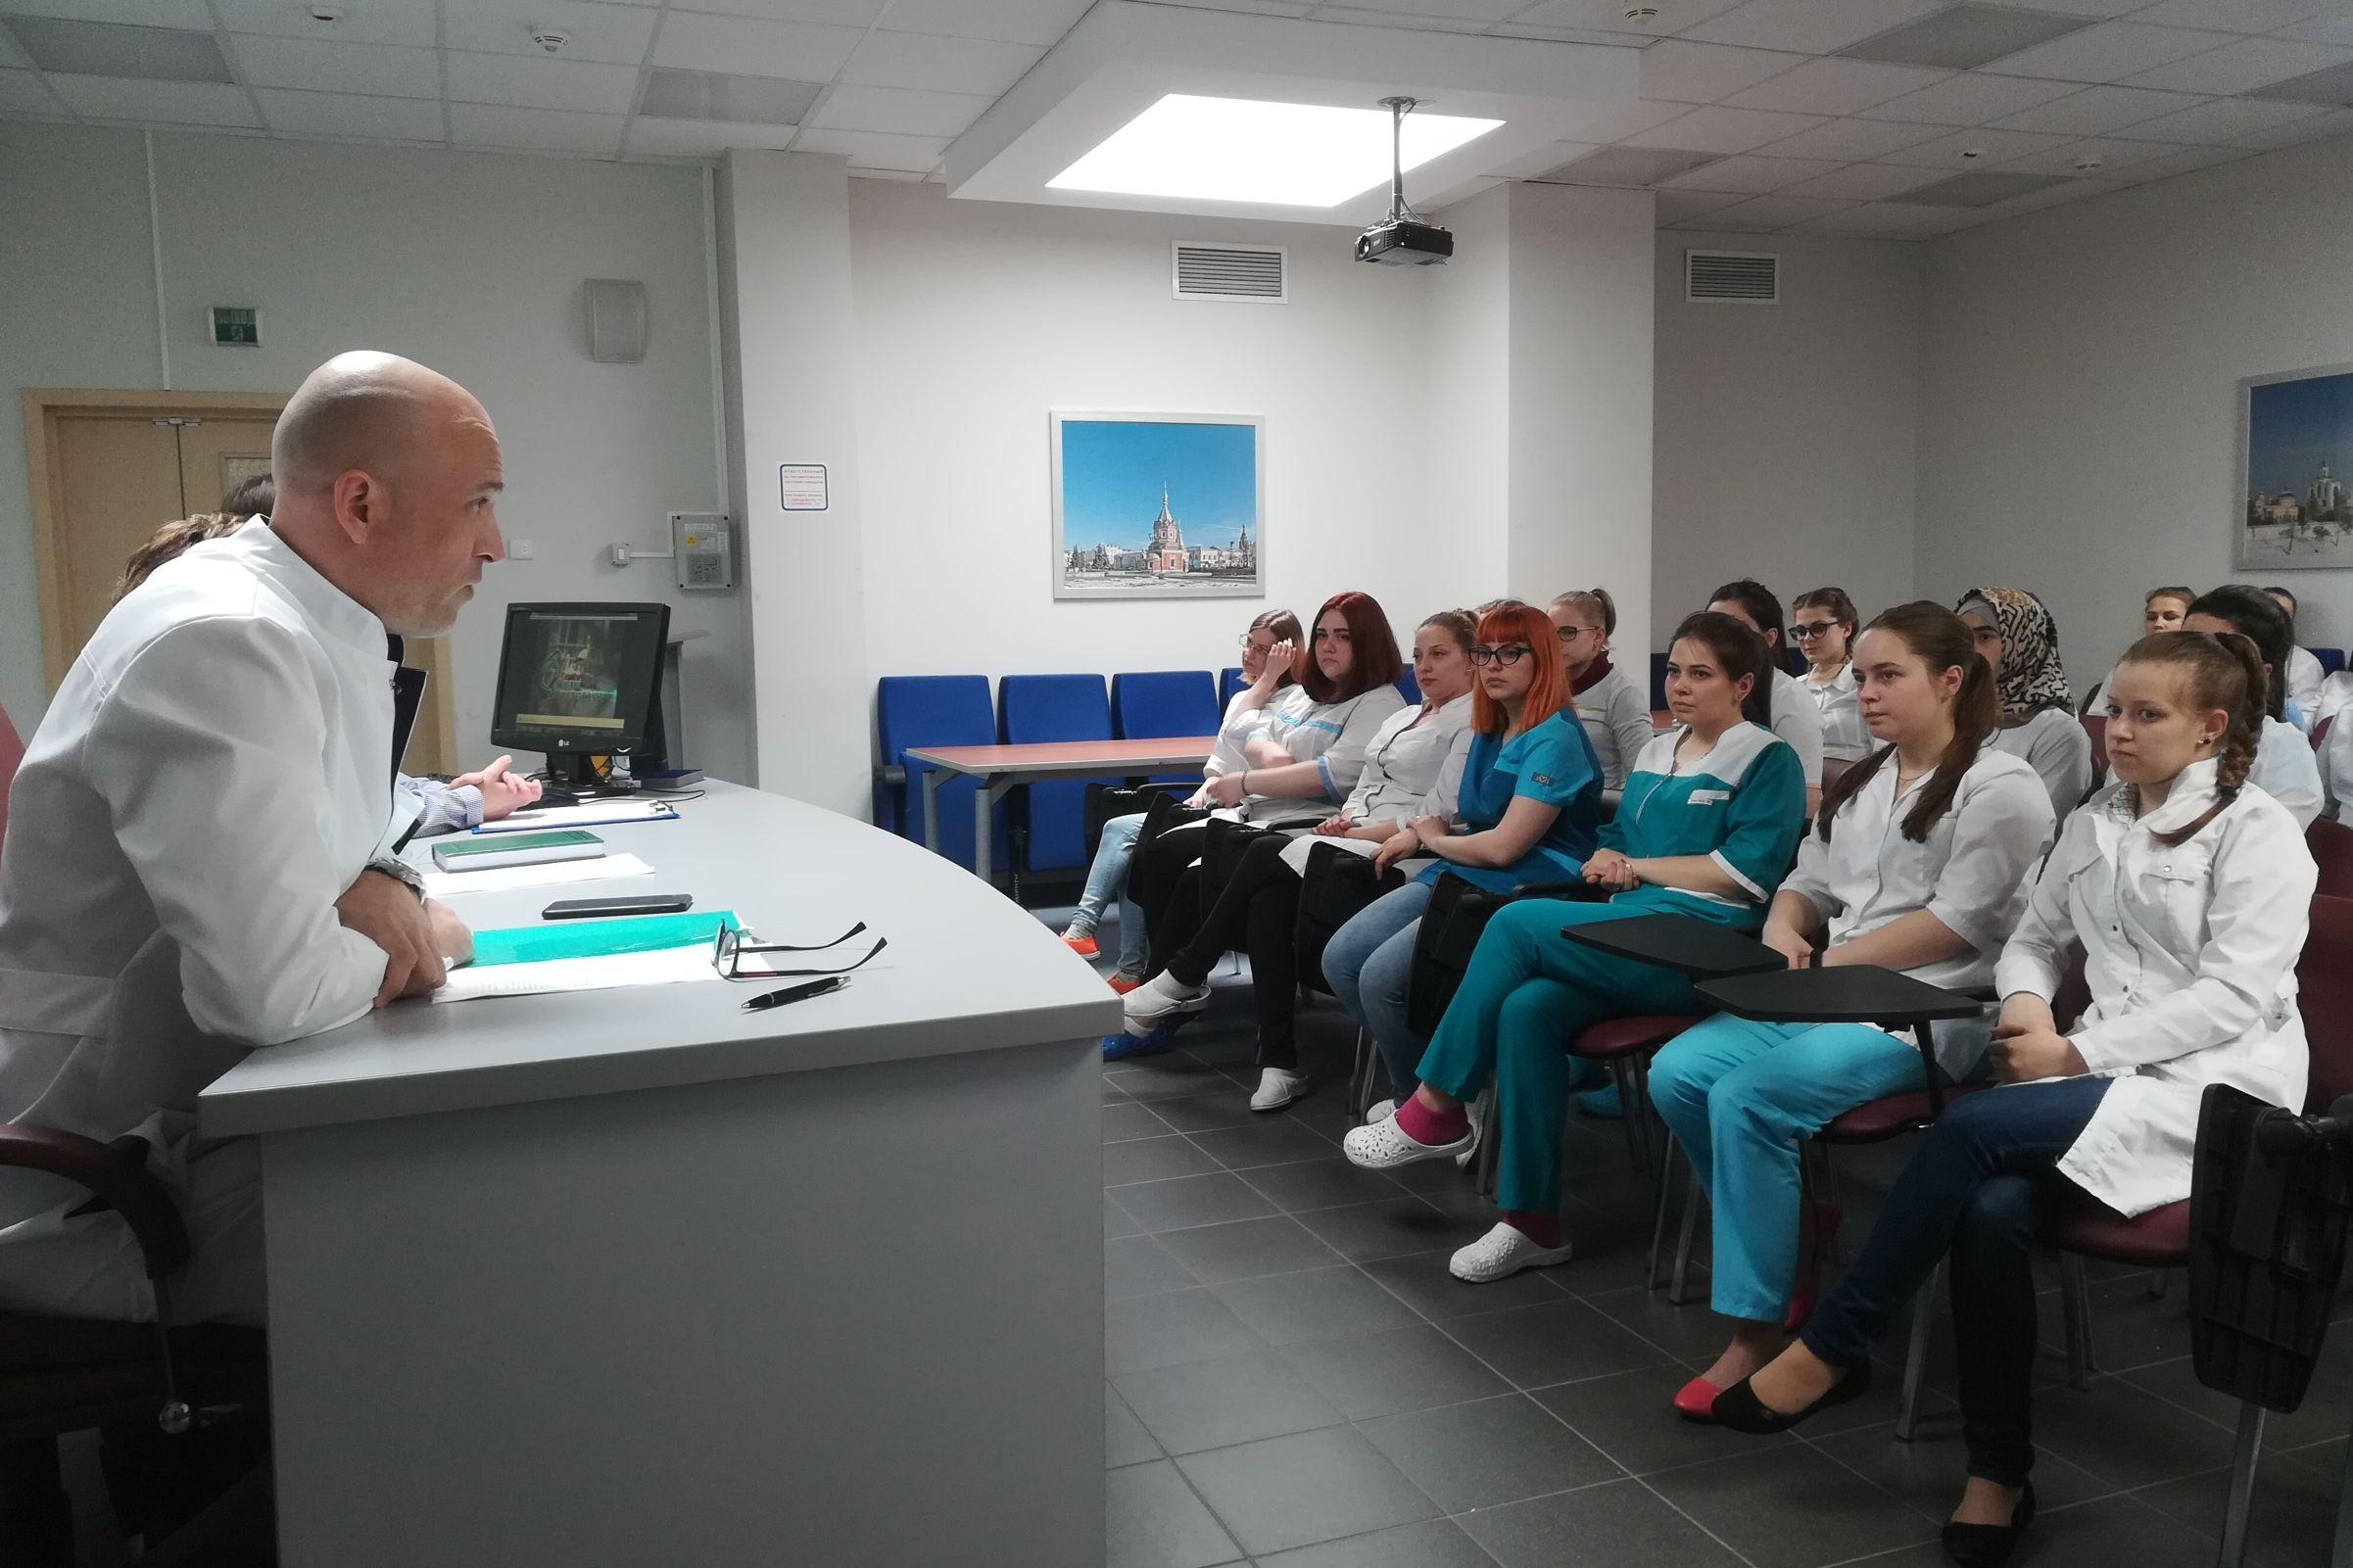 Благодаря акции «Я – доктор» выпускники ЯГМУ смогут побывать в медучреждениях области и выбрать место работы